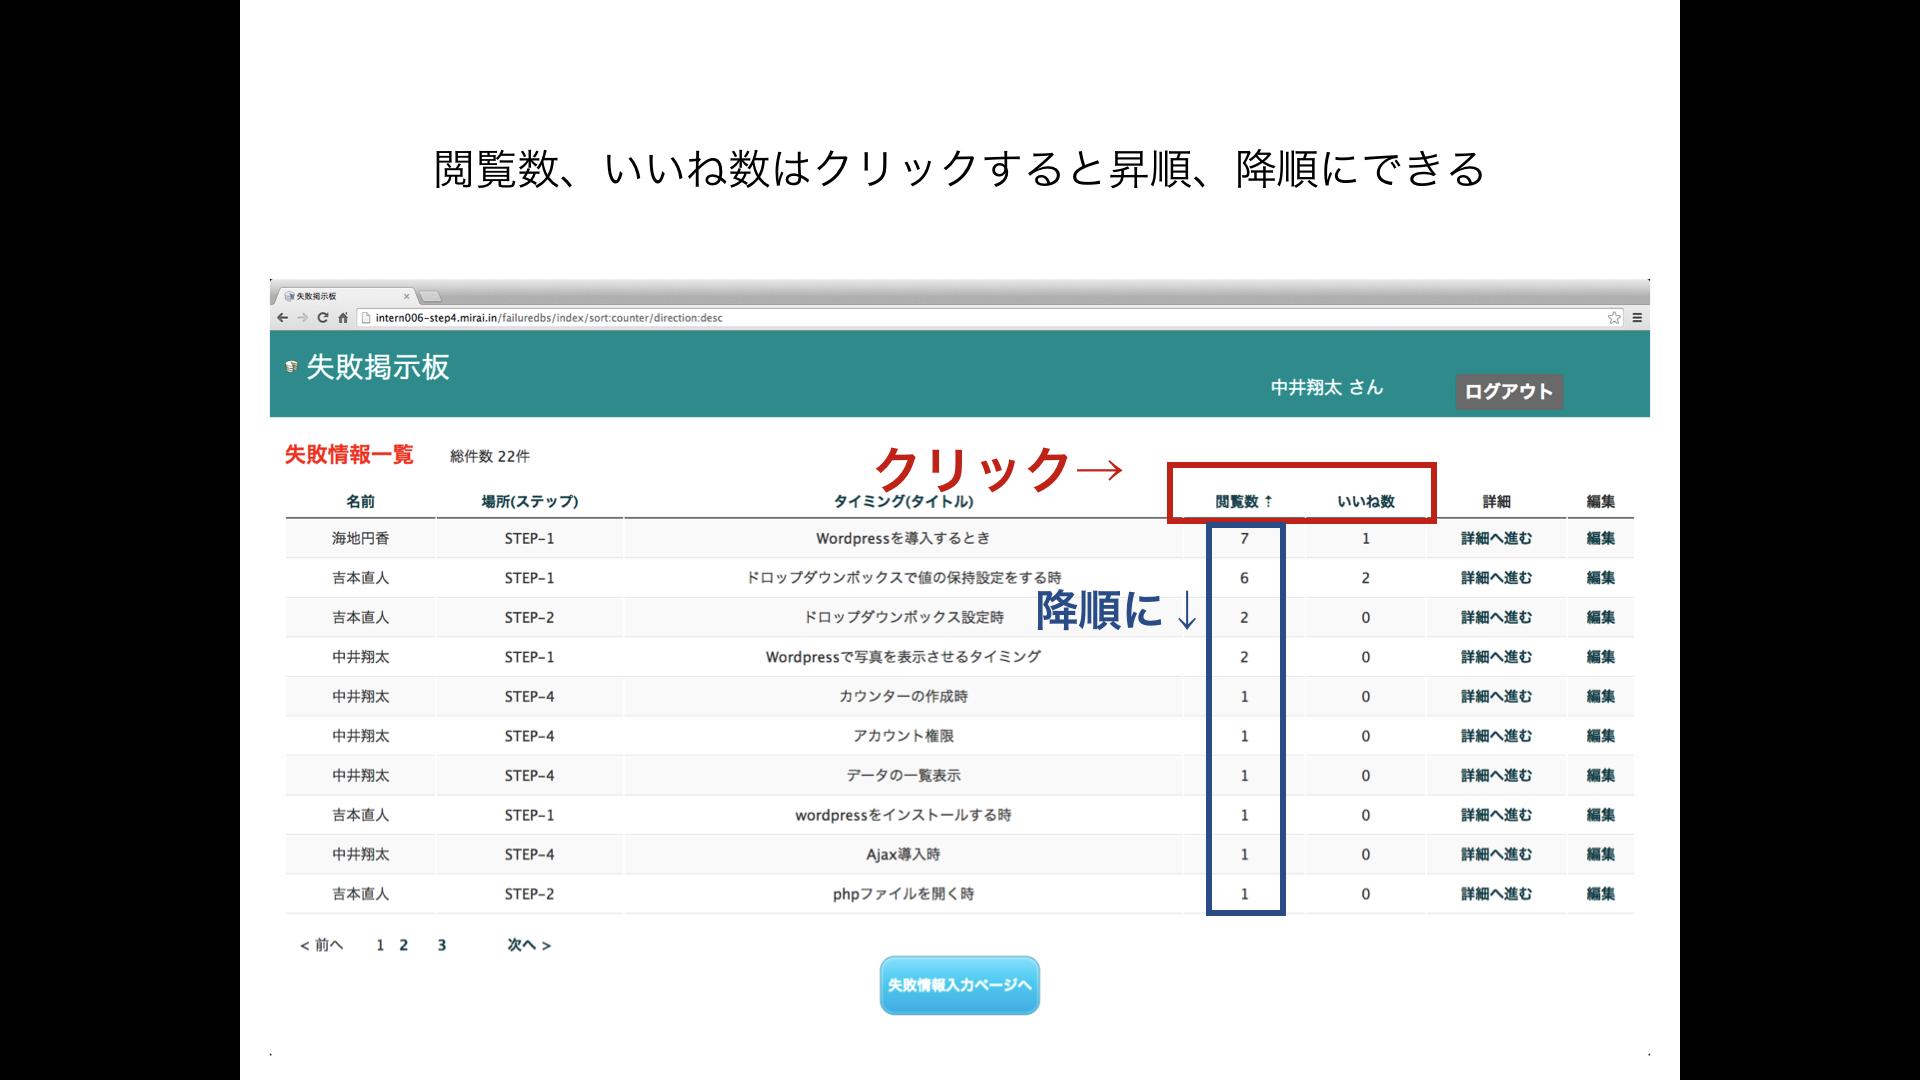 スクリーンショット 2014-09-26 17.15.16(2)